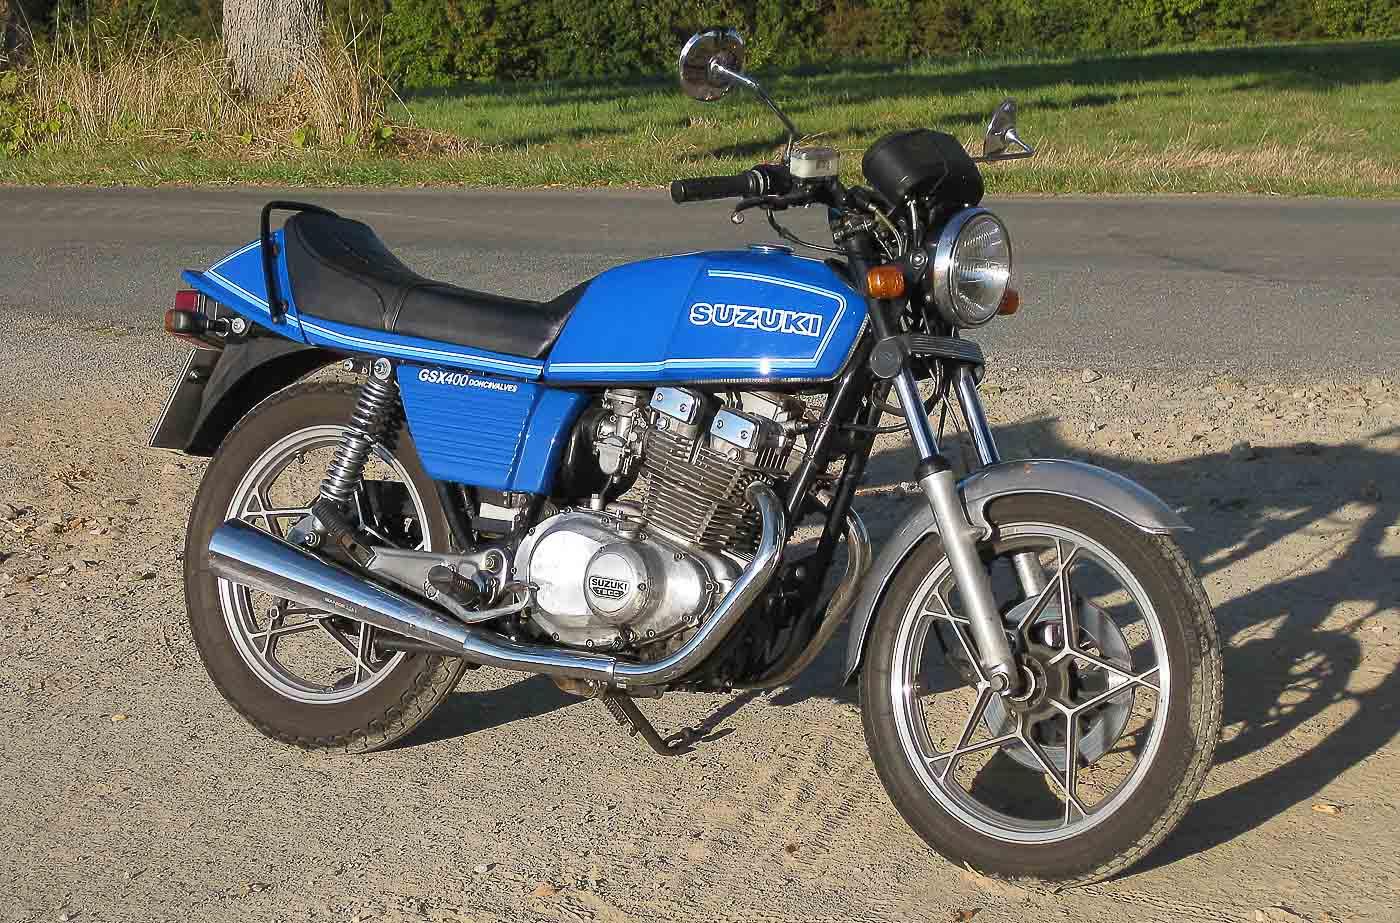 SUZUKI GSX 400 (1980 - 1982)